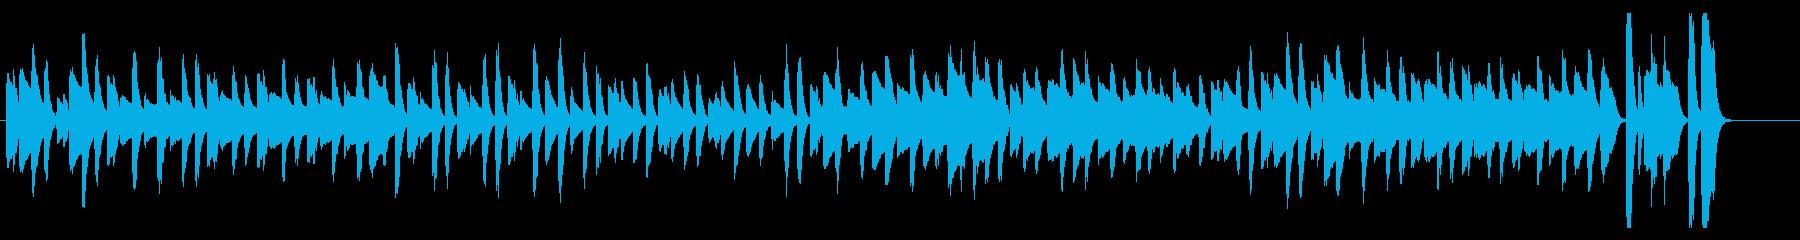 ねこふんじゃった シンプルなピアノソロの再生済みの波形